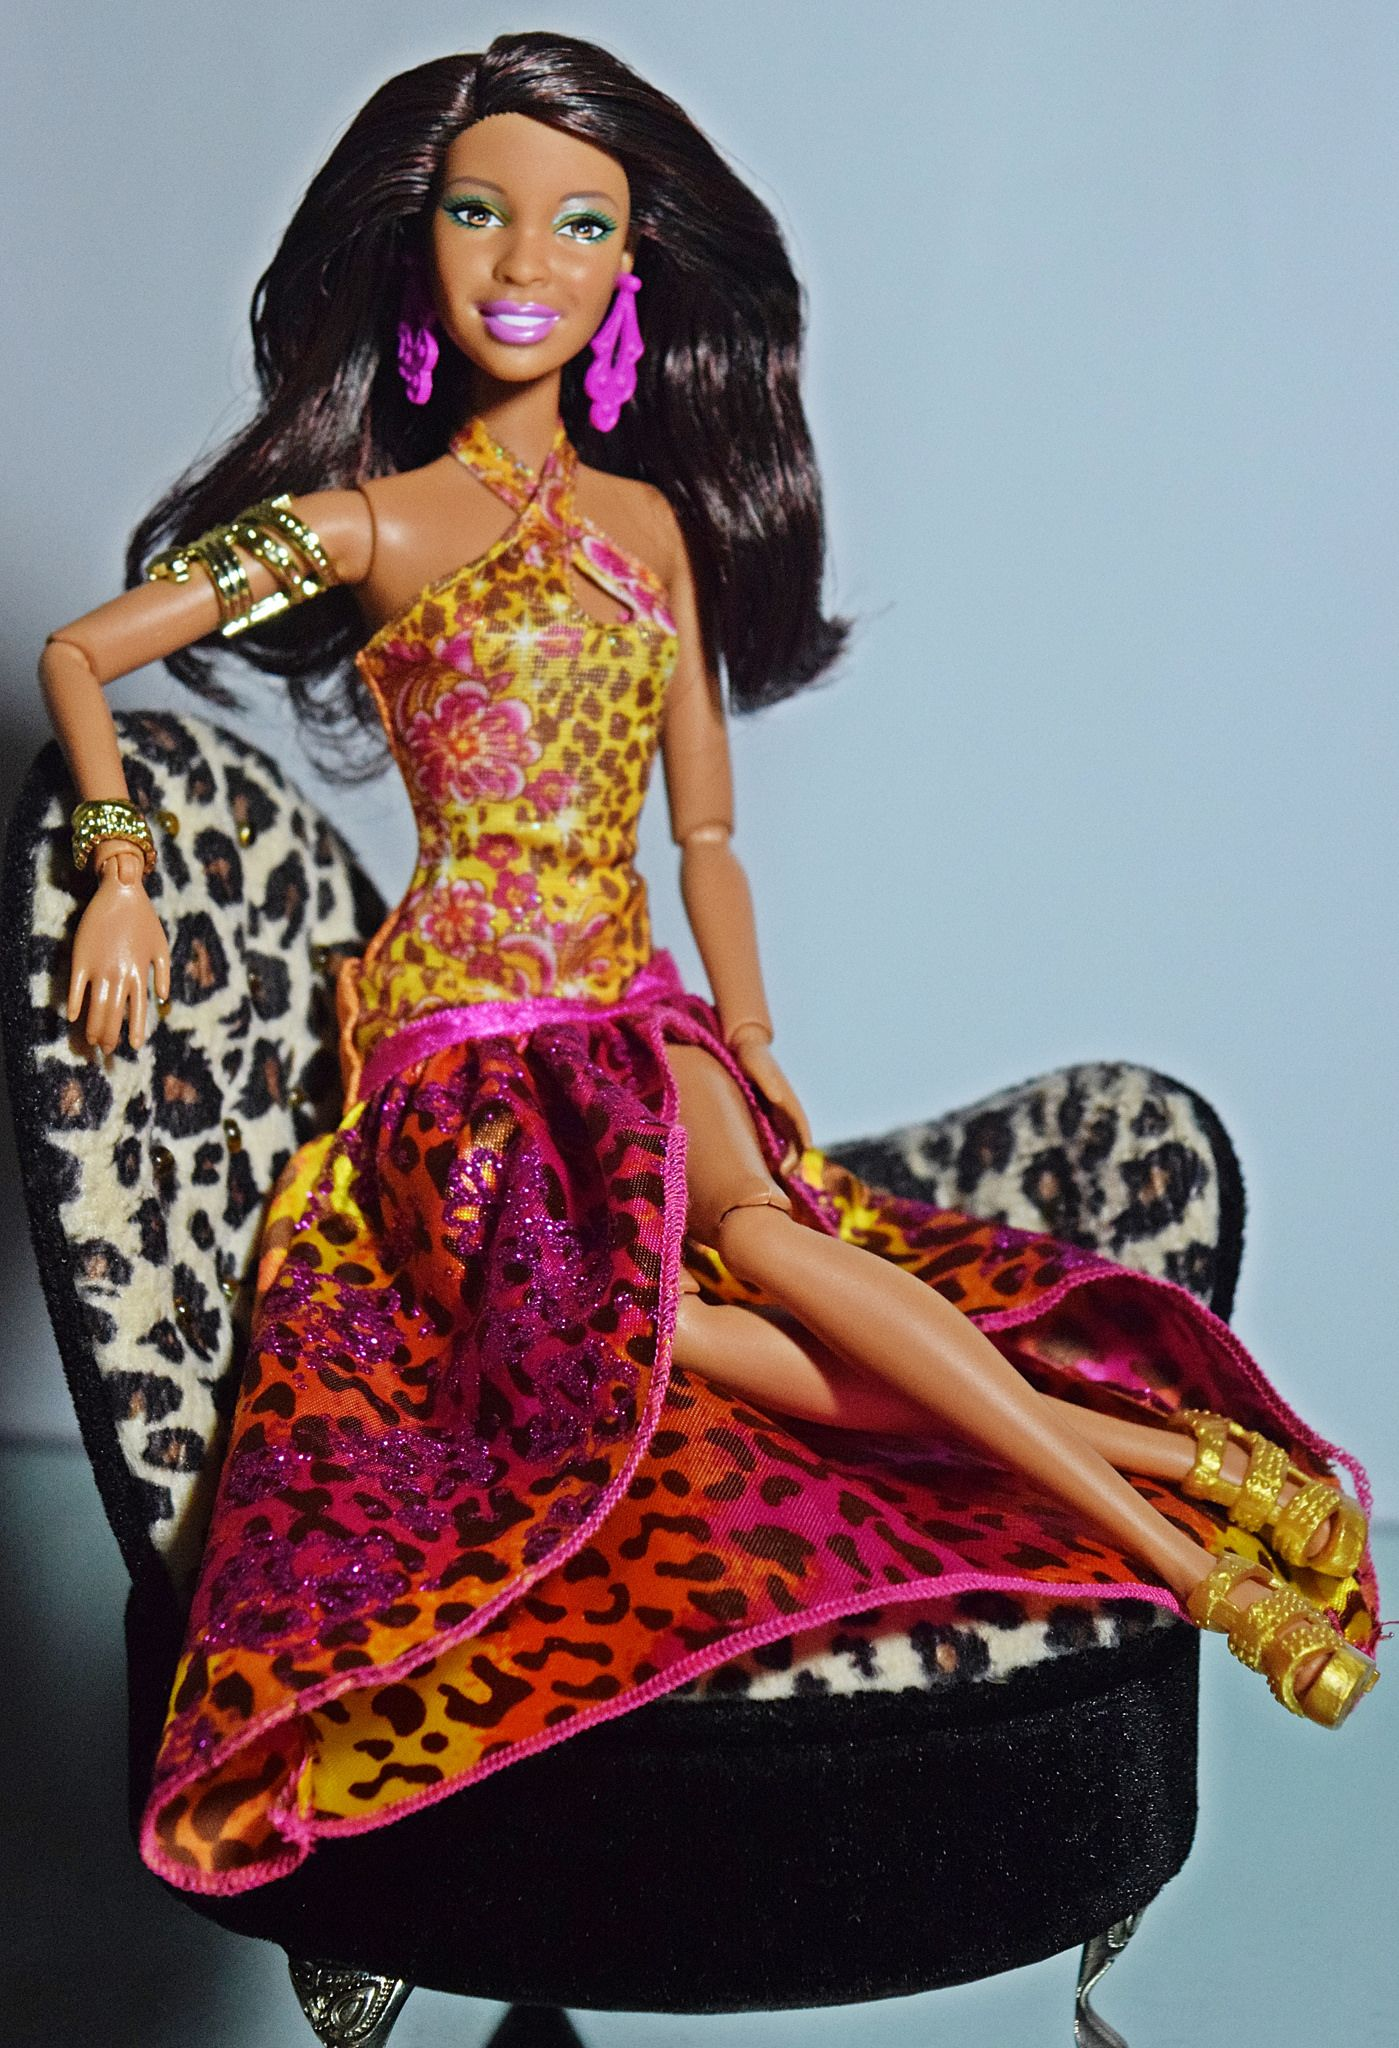 Pin by Carley Ann on Barbie dolls   Diy barbie clothes